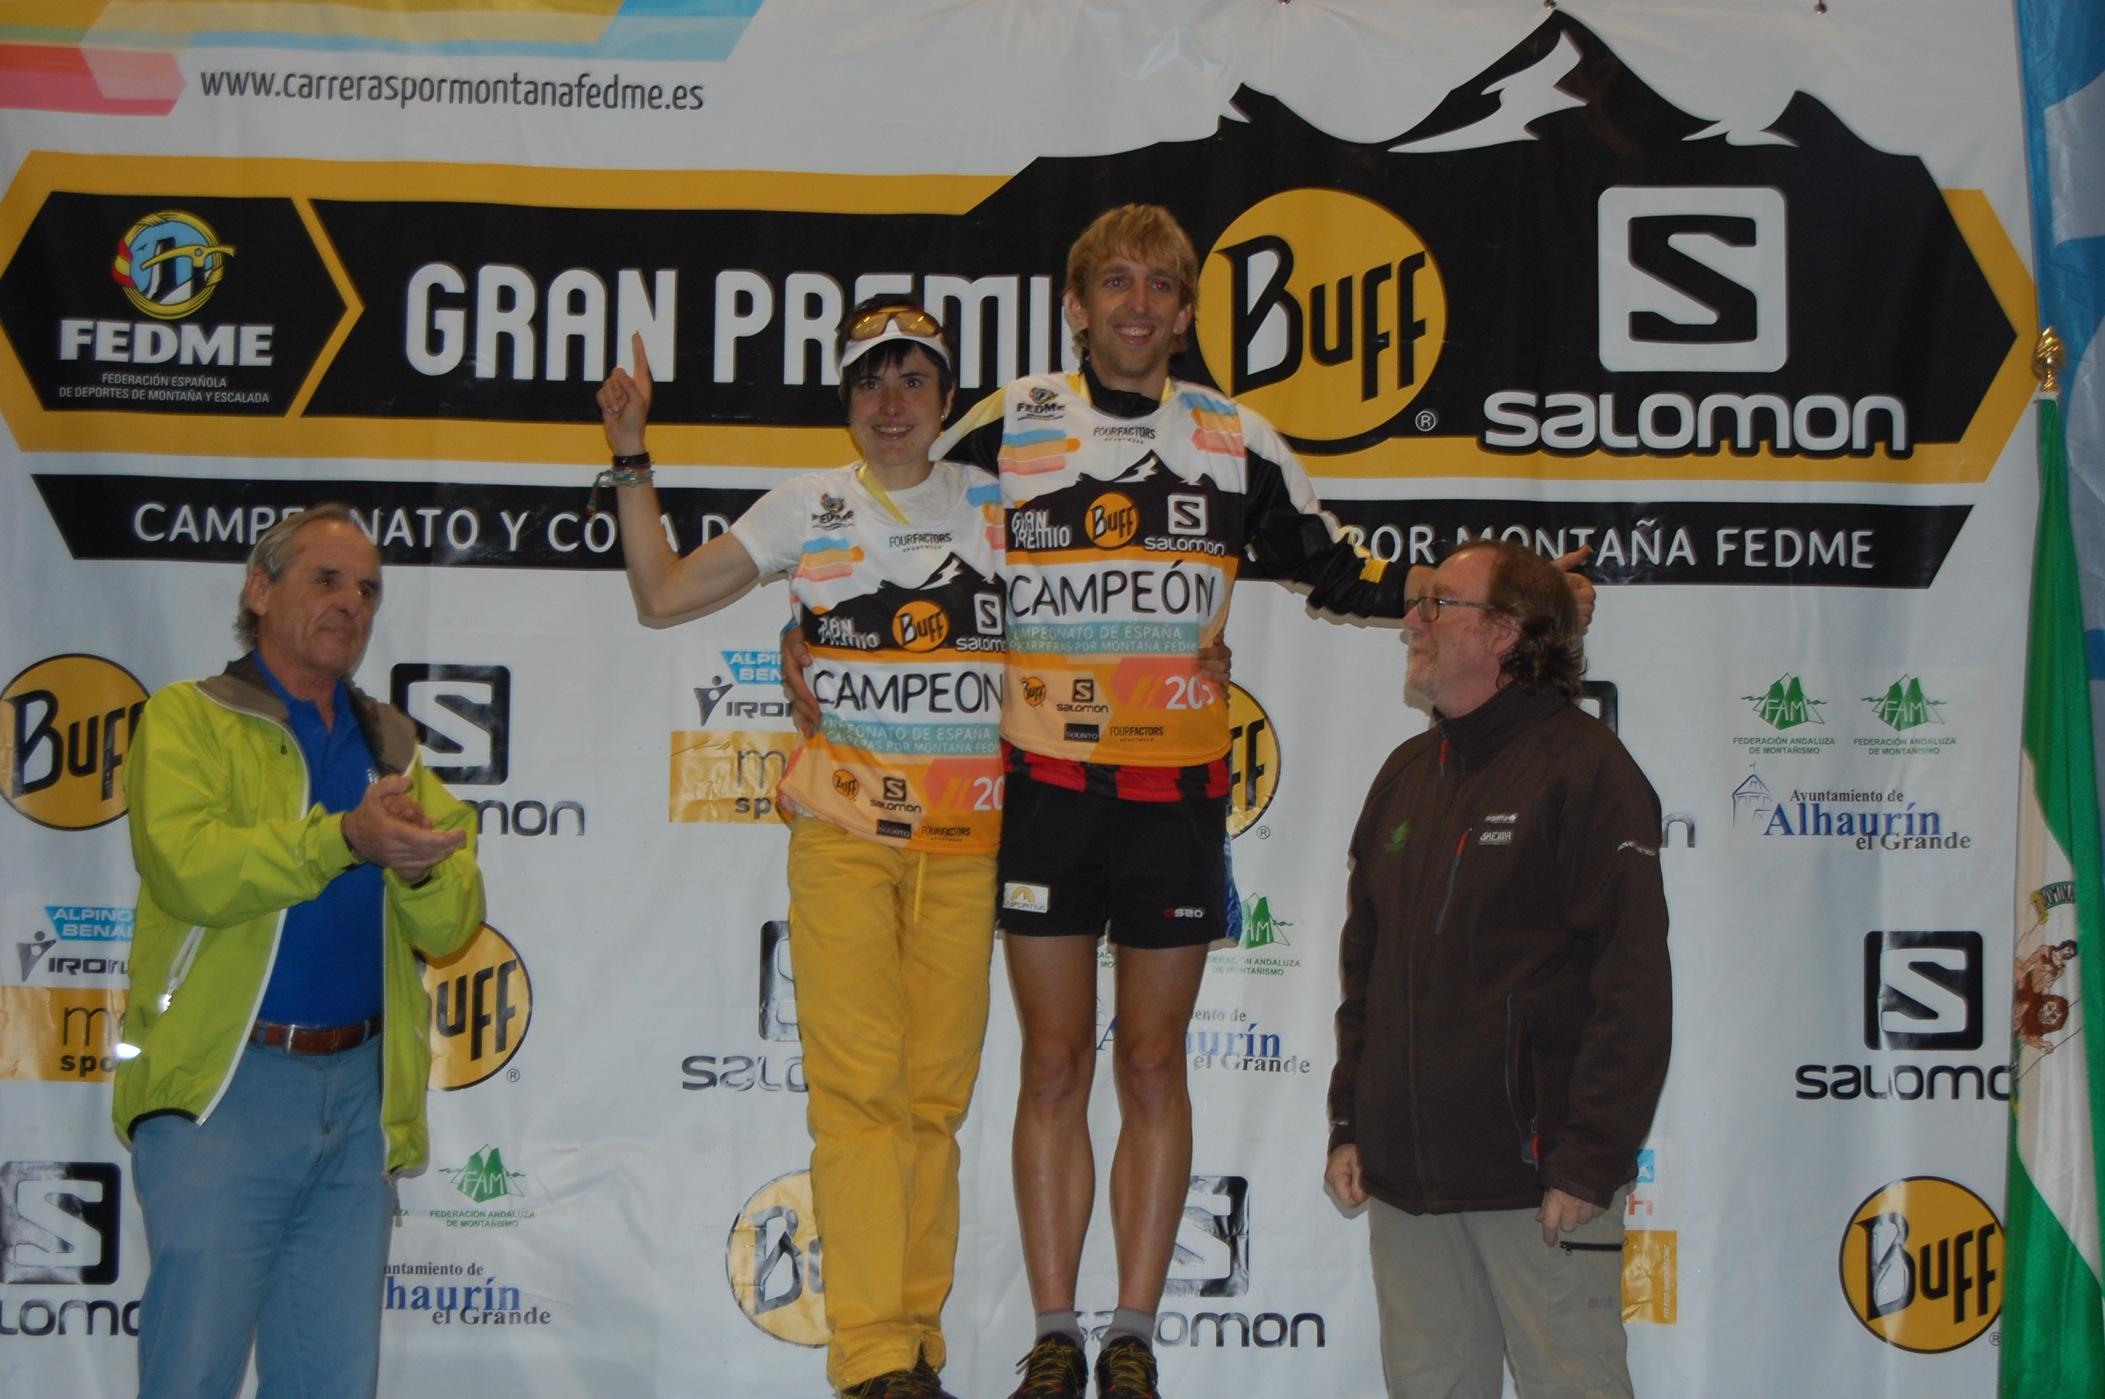 Pere Rullán y Maite Maiora Campeones España de carreras por montaña en línea FEDME Gran Premio Buff®-Salomon tras imponerse en el Trail Cara los Tajos